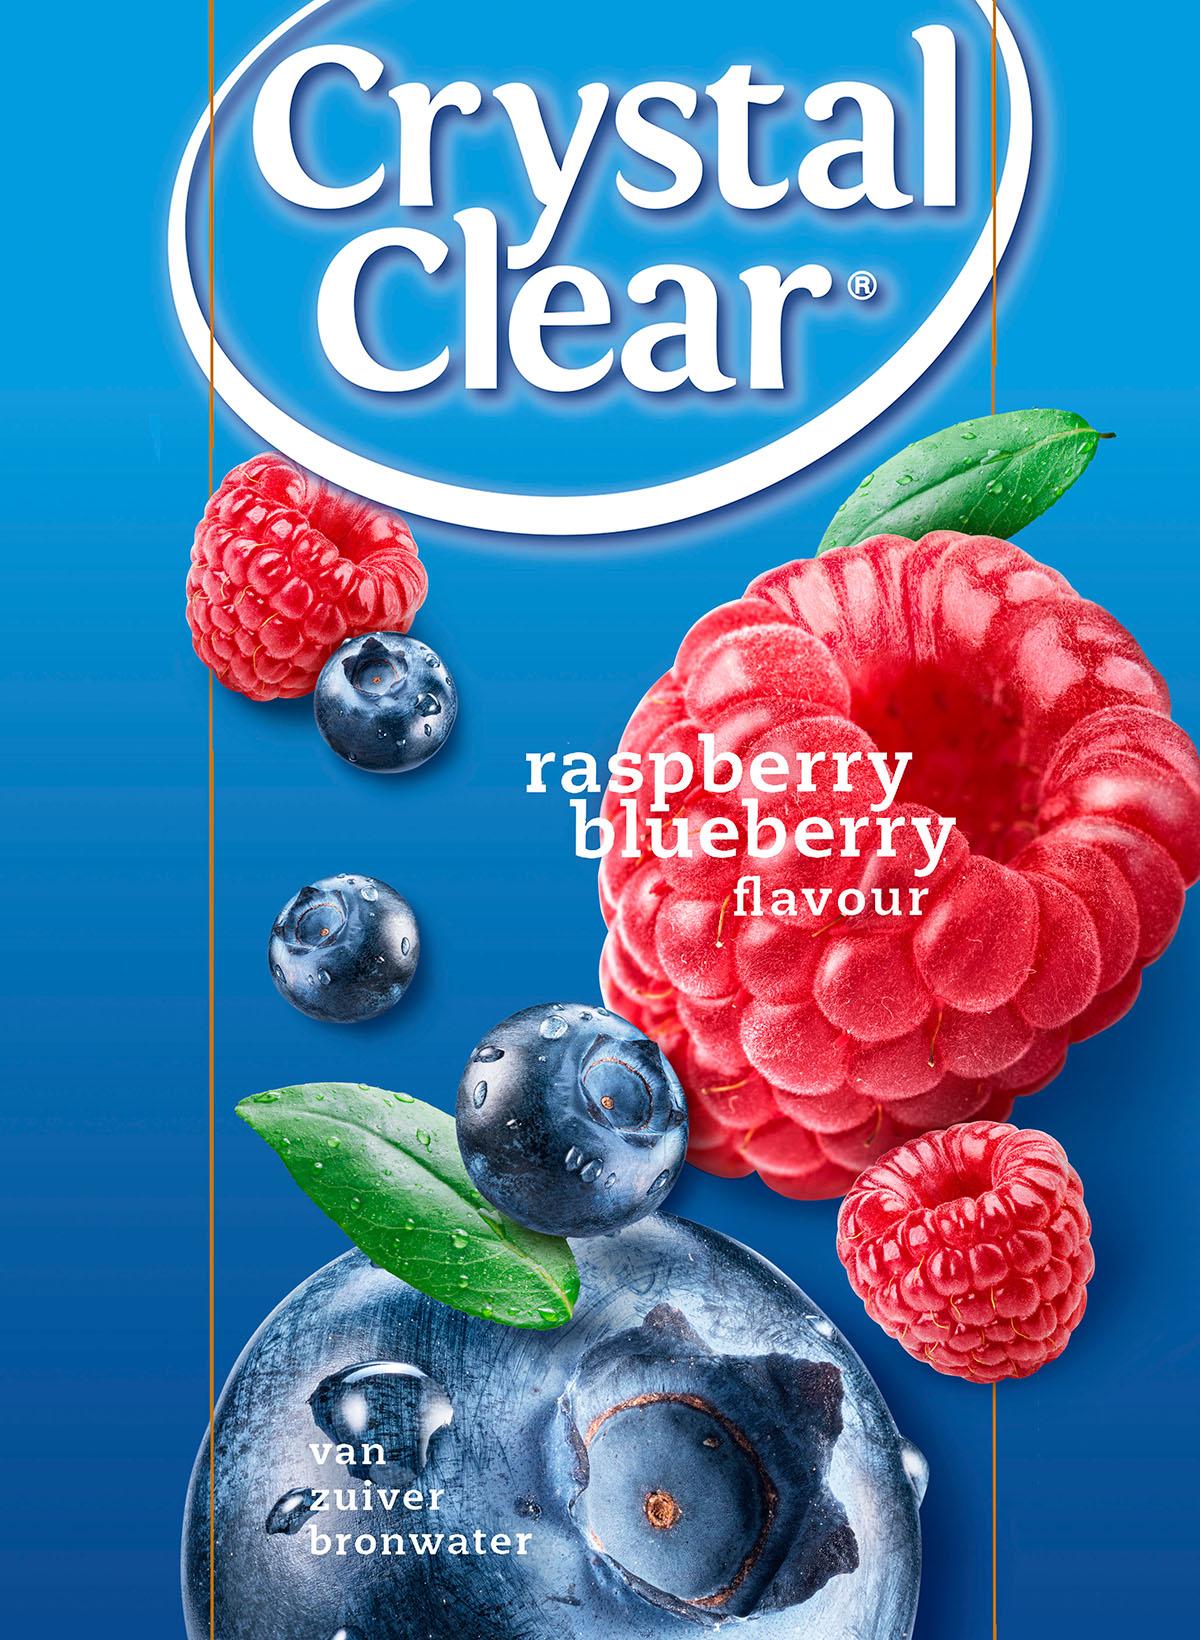 Packaging fotografie van Crystal Clear's frambozen en blauwe bessen smaak gemaakt door Studio_m Fotografie Amsterdam